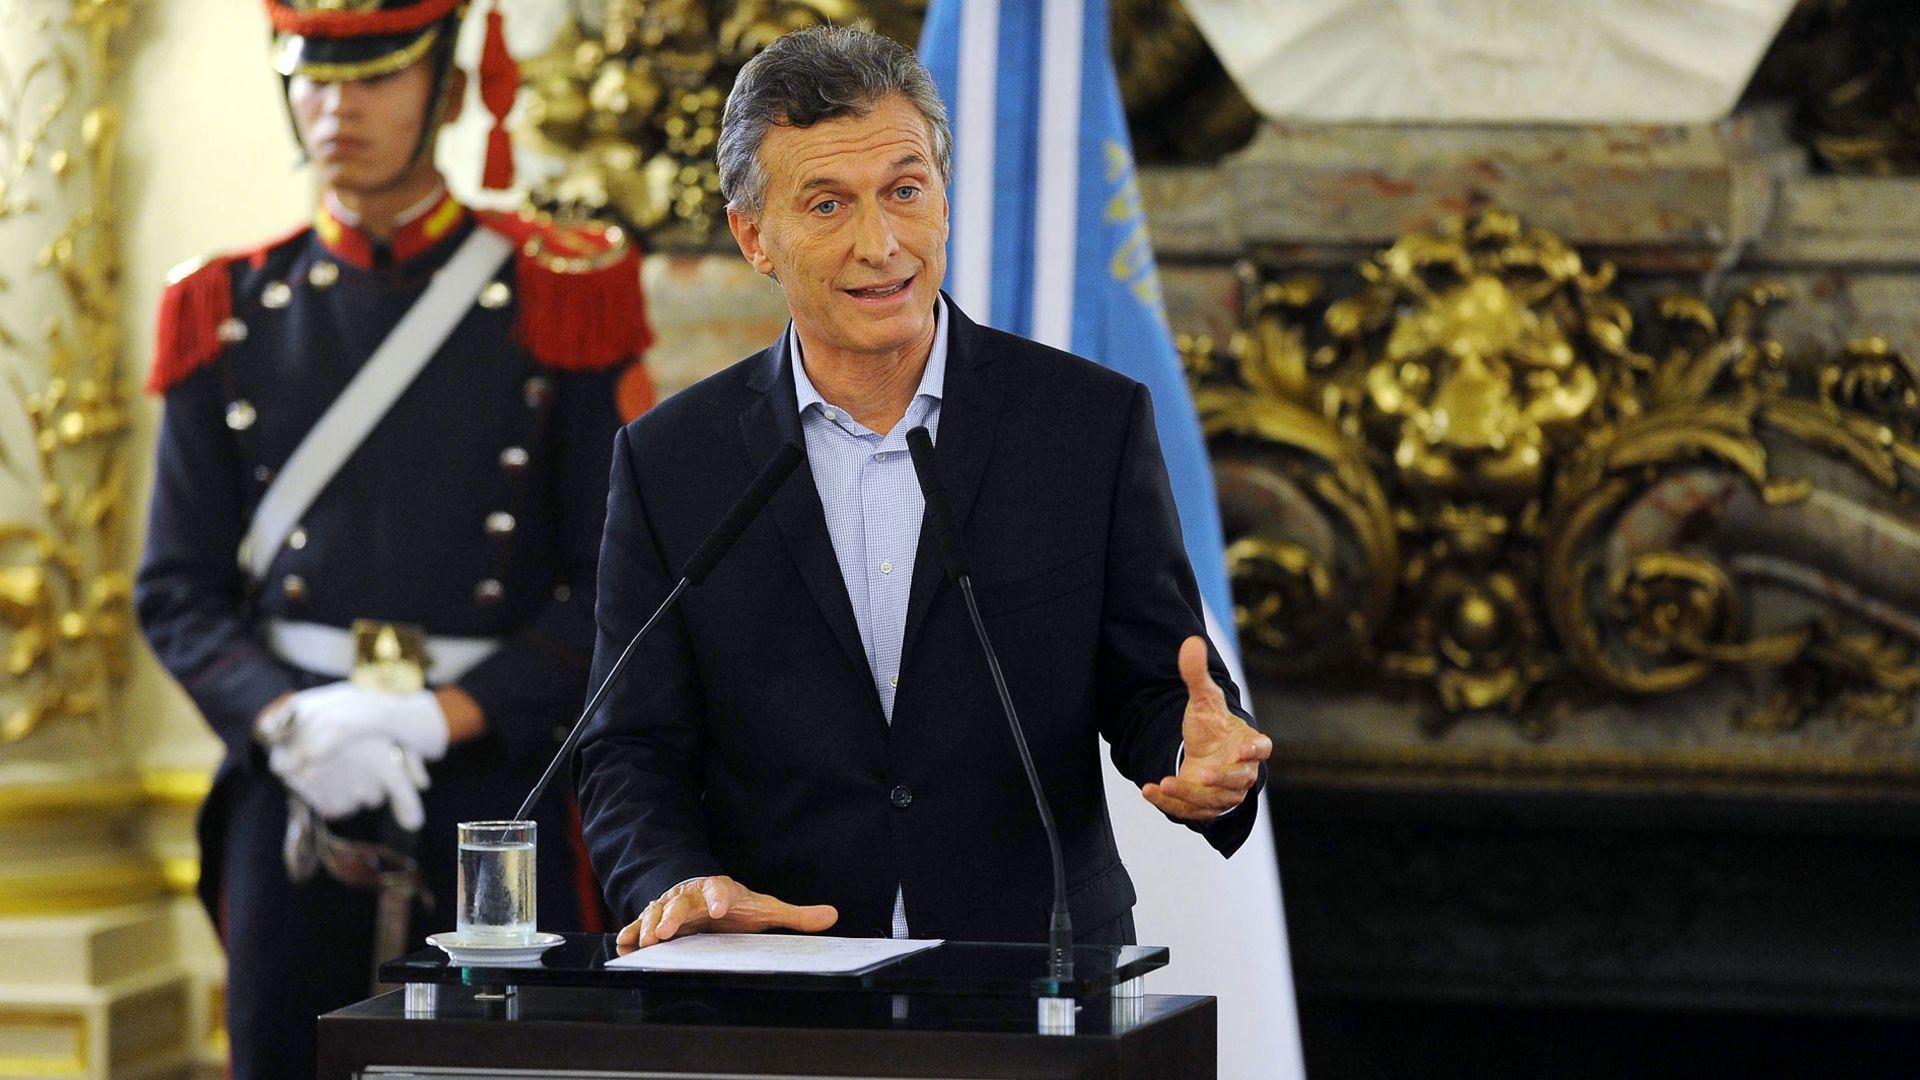 Alberto Fernández considera pedir un esfuerzo a aquellos empresarios que se vieron beneficiados por el blanqueo de capitales del 2017, durante la presidencia de Mauricio Macri (Raul Ferrari/Télam)